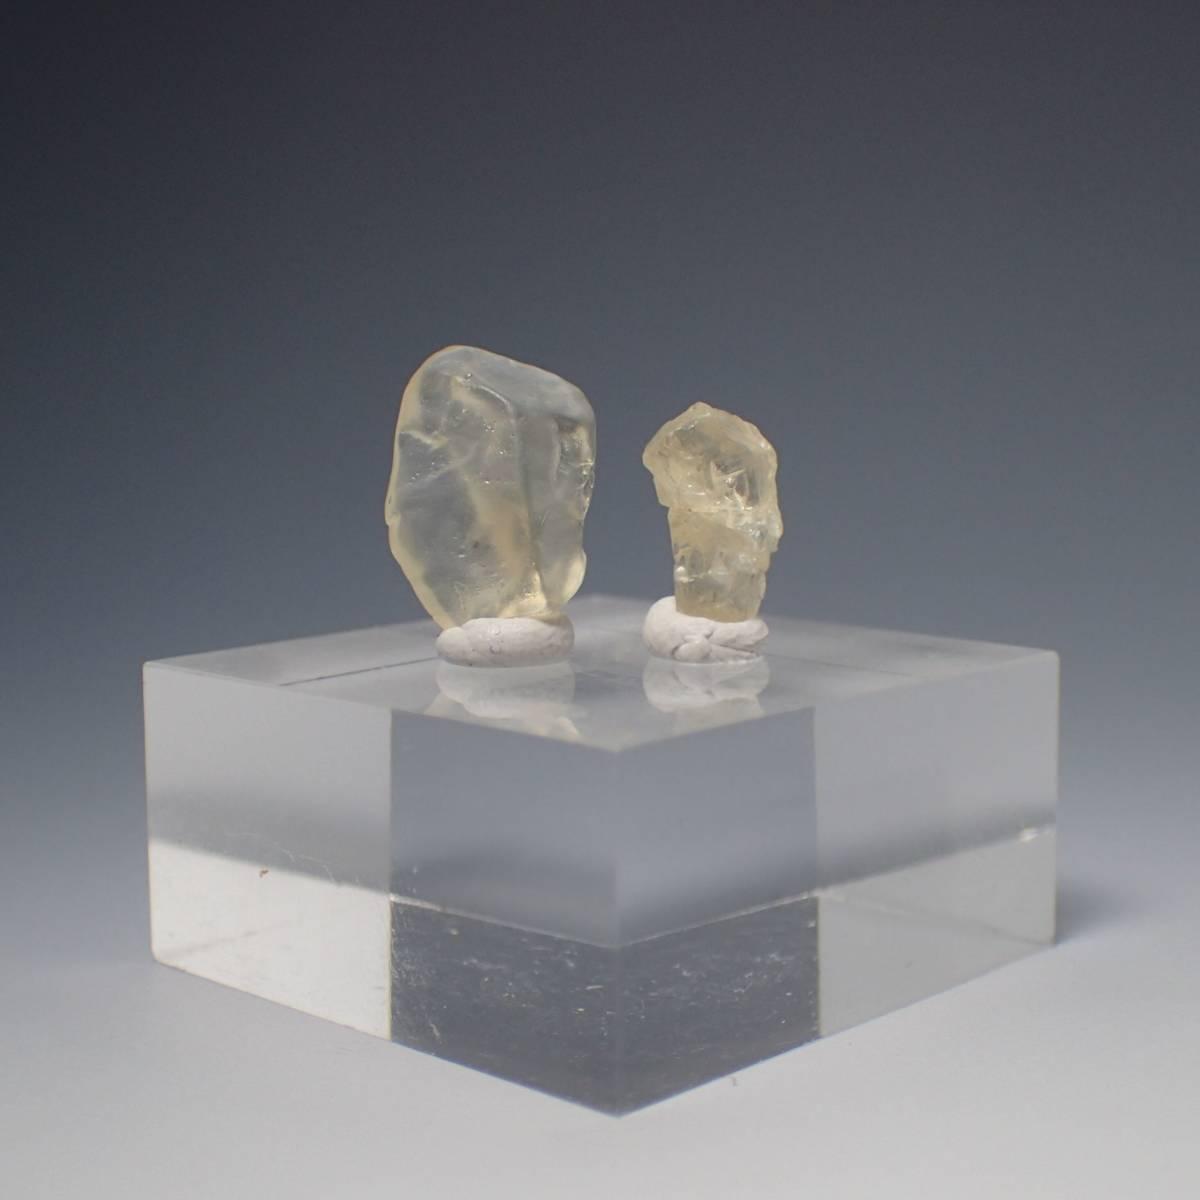 アメリカ合衆国 ユタ州 サンストーンノール産 サンストーン 計6.80ct 天然石 鉱物標本 長石 ラブラドライト パワーストーン_画像3